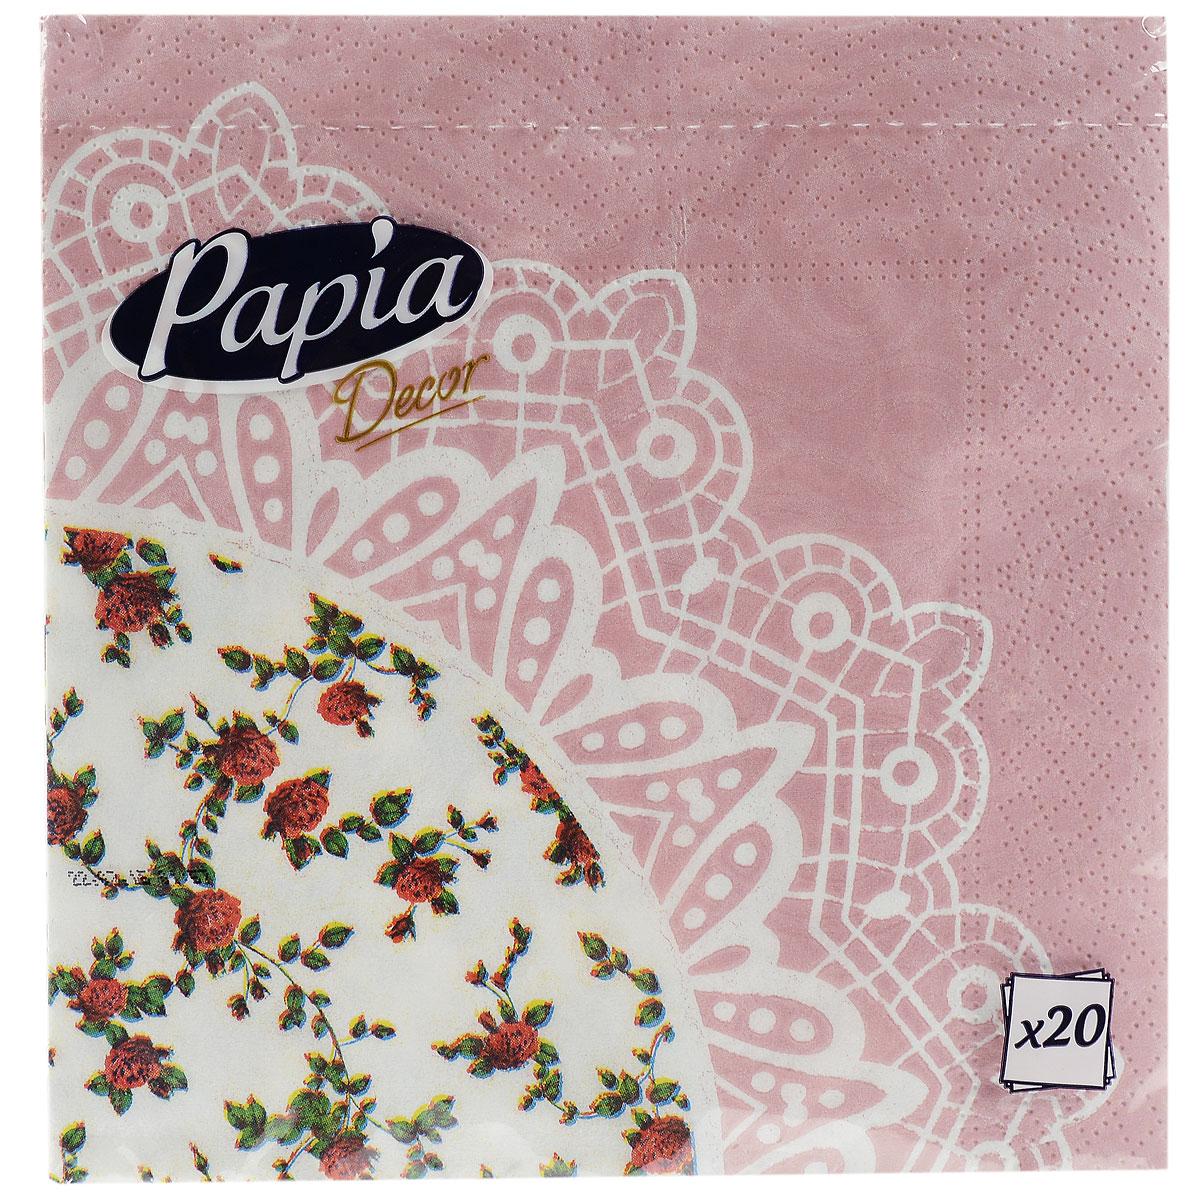 Салфетки бумажные Papia Decor, трехслойные, цвет: белый, розовый, 33 x 33 см, 20 штTB 15Трехслойные салфетки Papia Decor, выполненные из 100% целлюлозы, оформлены красивым цветочным рисунком. Салфетки предназначены для красивой сервировки стола. Оригинальный дизайн салфеток добавит изысканности вашему столу и поднимет настроение. Размер салфеток: 33 см х 33 см.